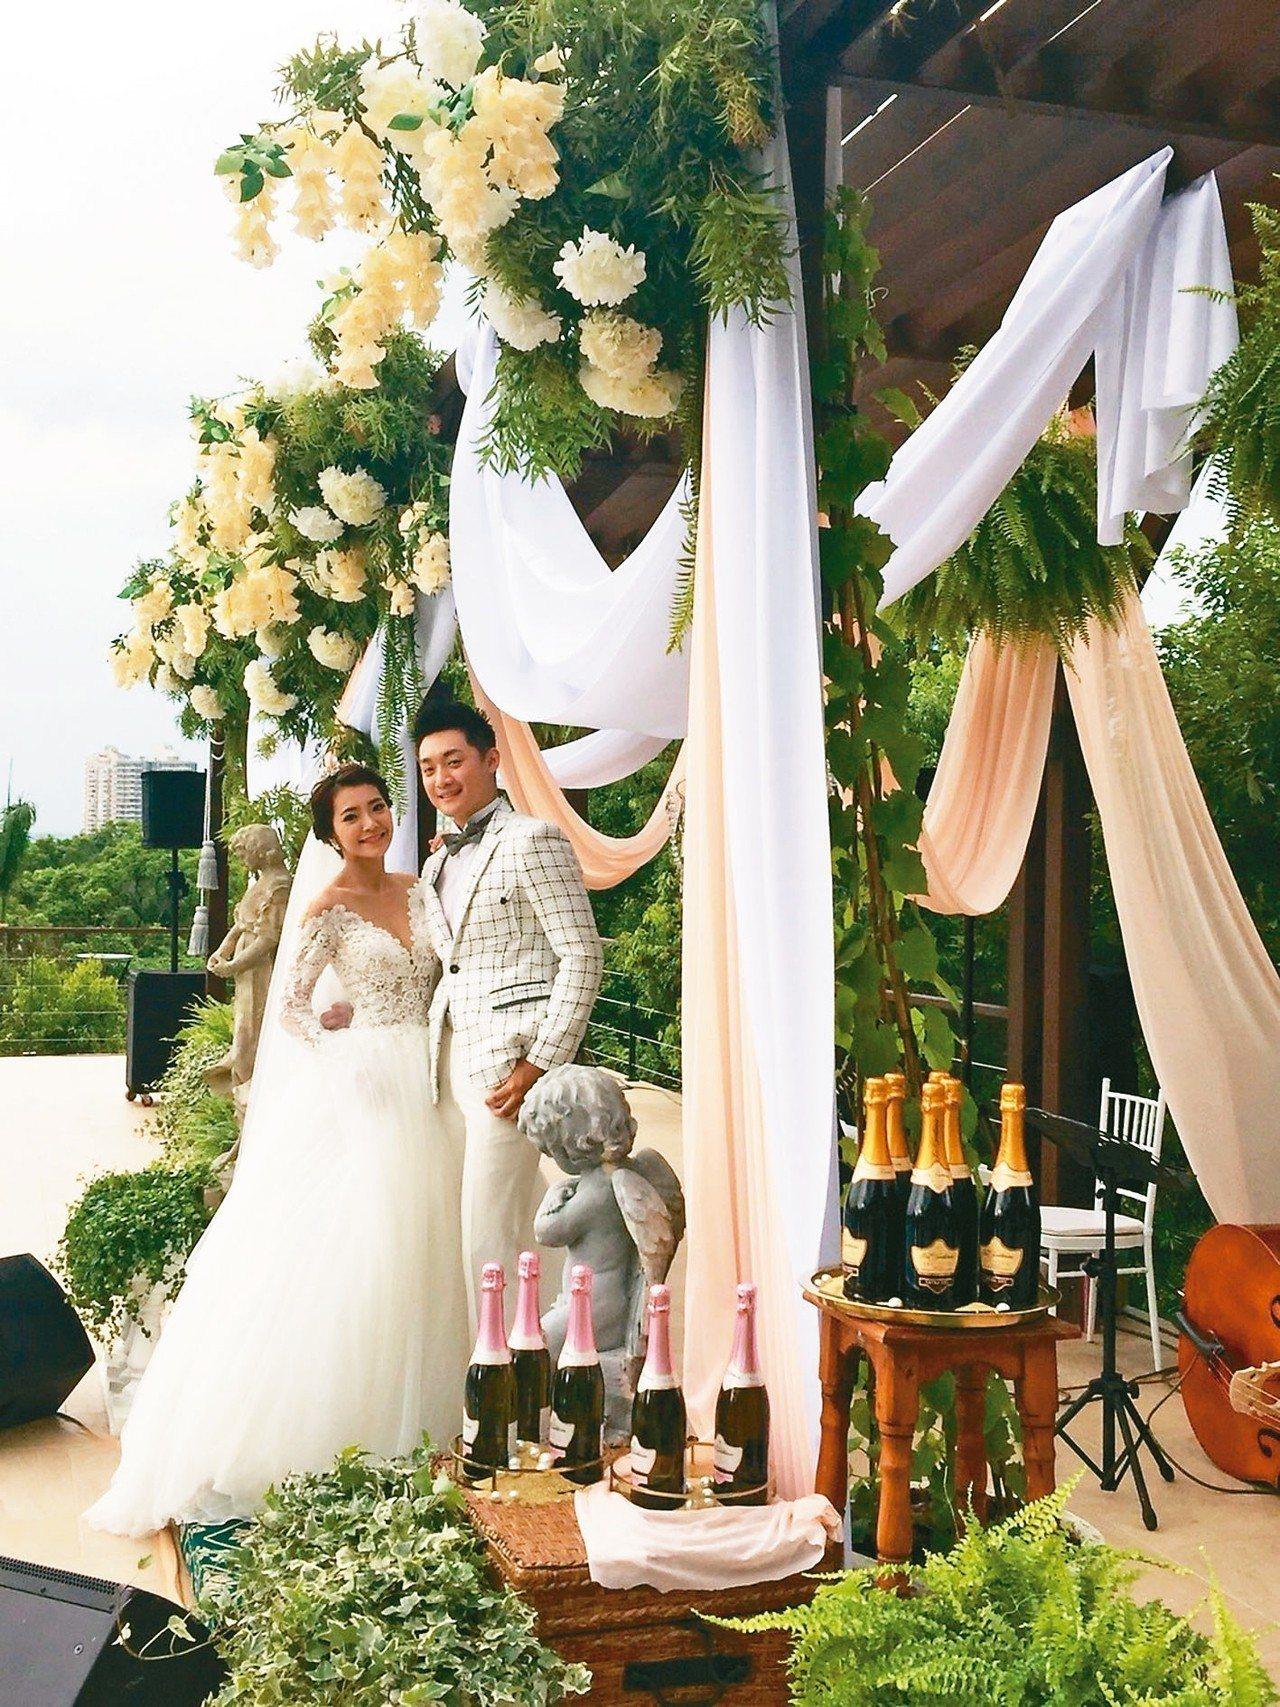 浪漫的湖畔婚禮,讓高截圓山飯店瞬成南台灣的時尚基地。 記者羅建怡/攝影